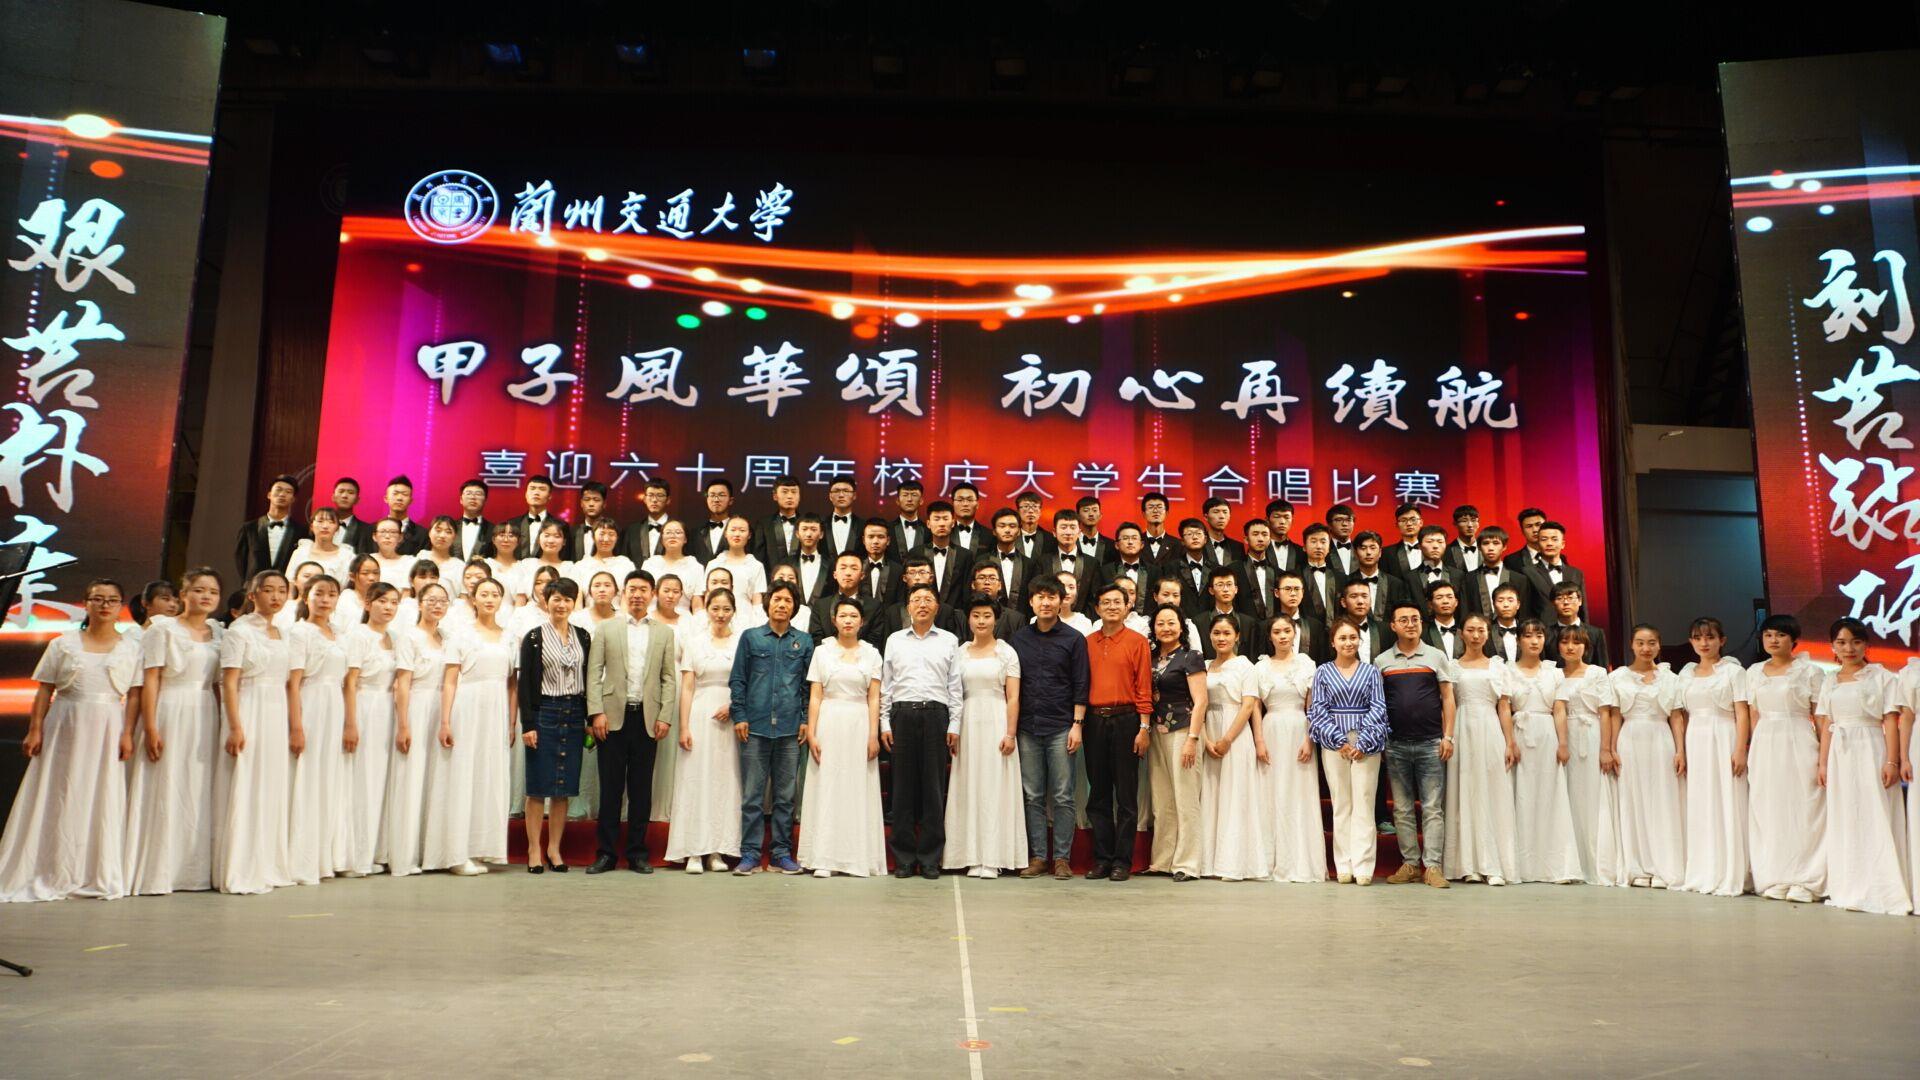 【聚焦校庆】兰州交通大学60周年校庆大学生合唱比赛成功举行